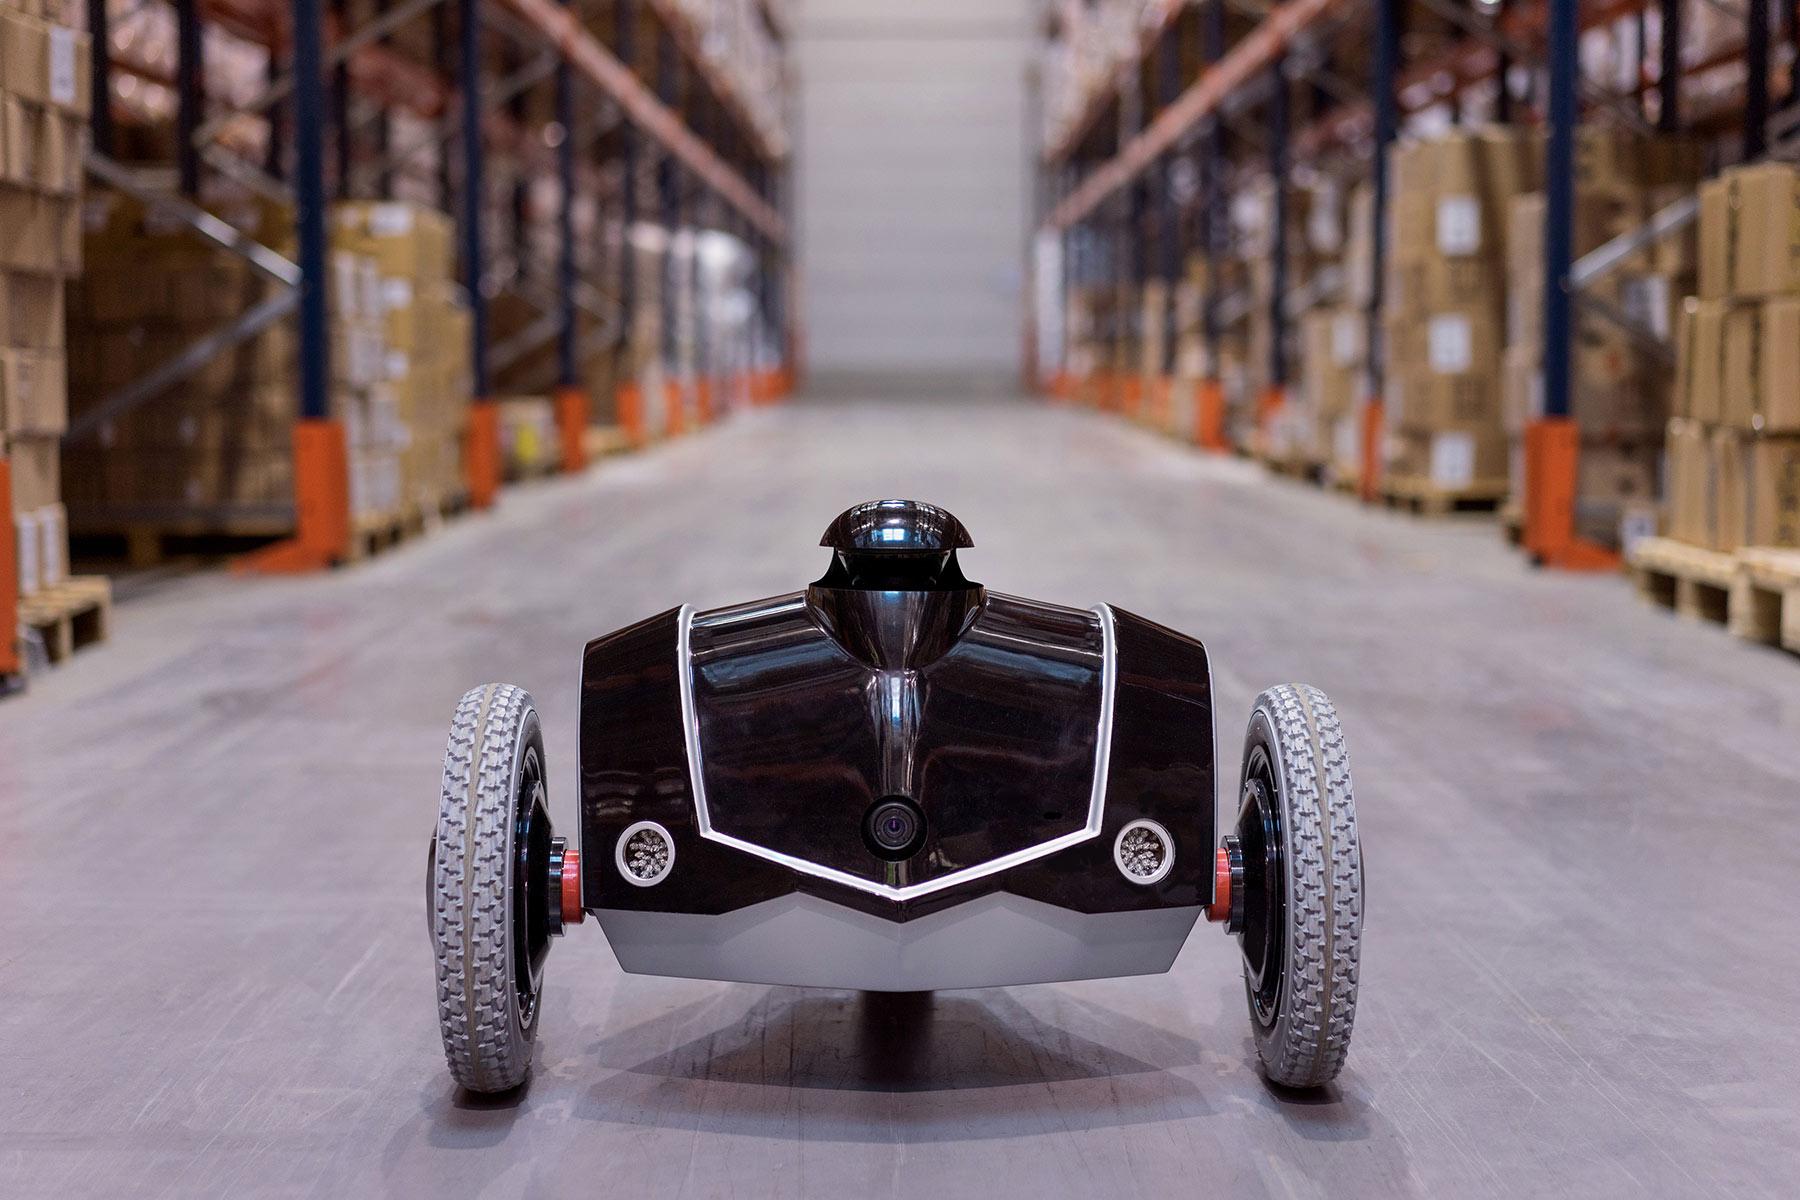 le drone roulant e-Vigilente d'EOS Innovation est le premier rondier robotique au monde. la prise de participation de Parrot (1 million d'euros en 2014) n'aura pas suffi à pérenniser le fabricant. © EOS Innovation